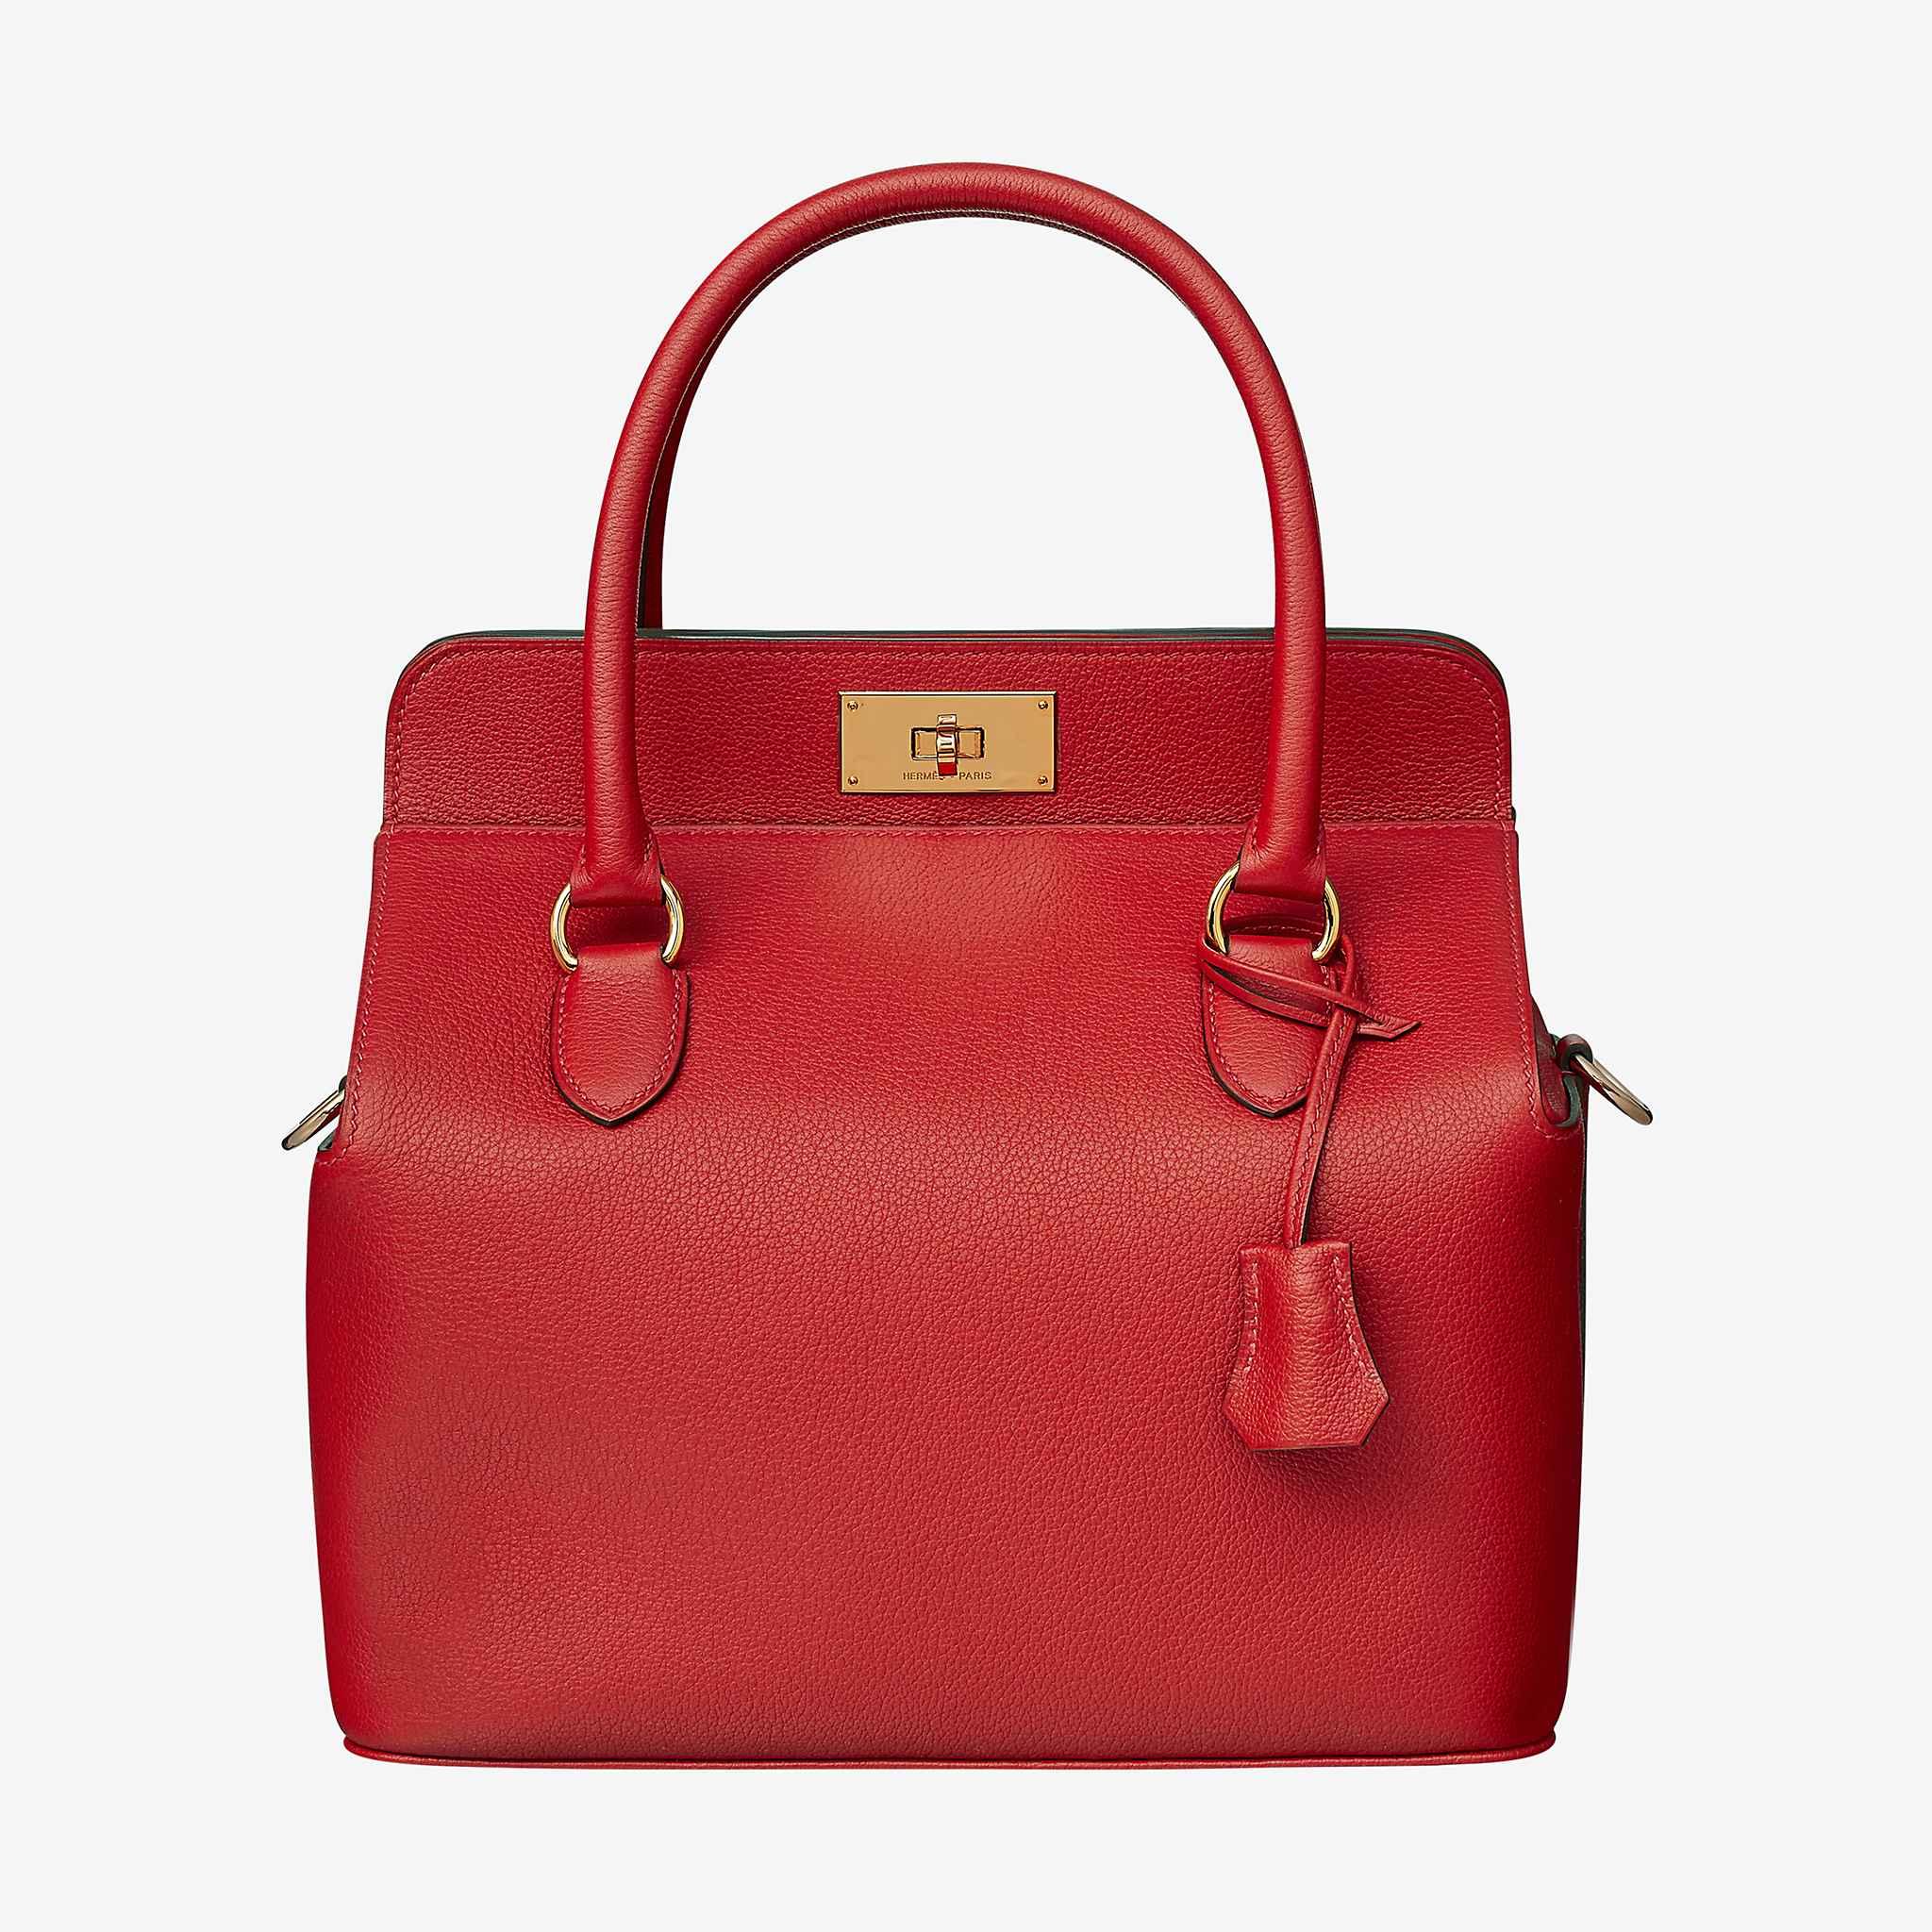 toolbox26-bag-medium-model--071206CPD5-front-1-300-0-2048-2048-q40